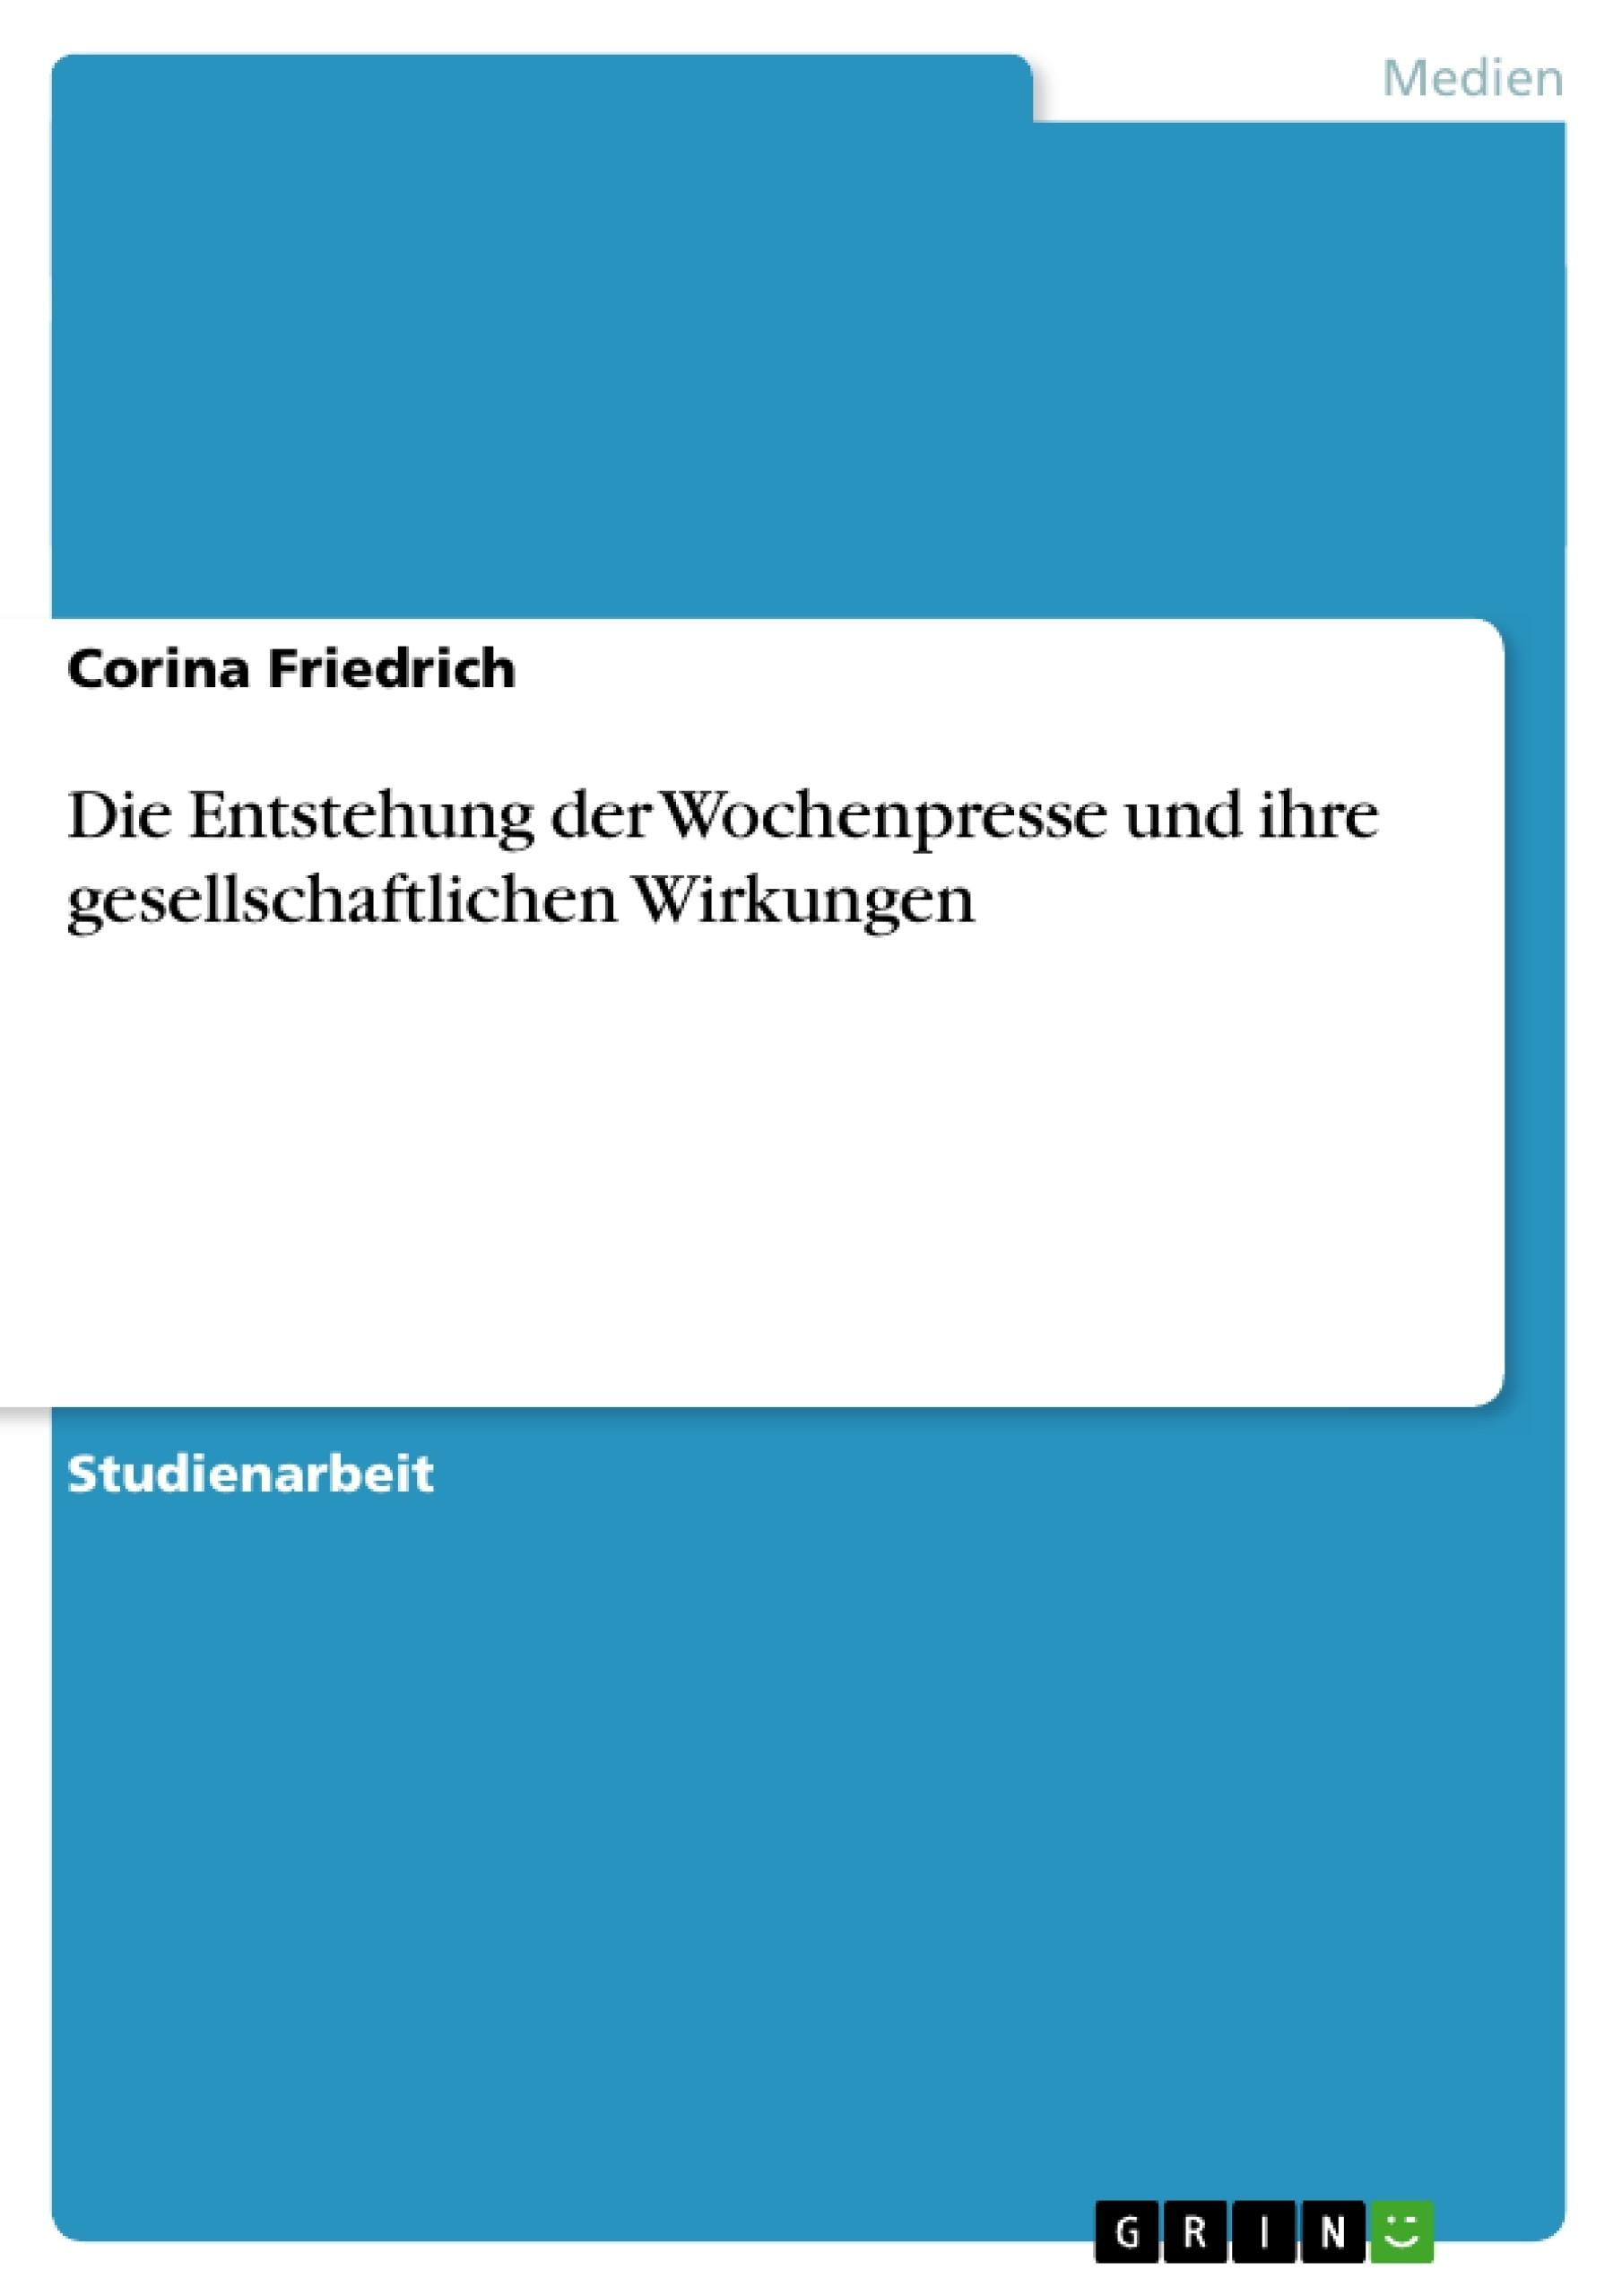 Titel: Die Entstehung der Wochenpresse und ihre gesellschaftlichen Wirkungen